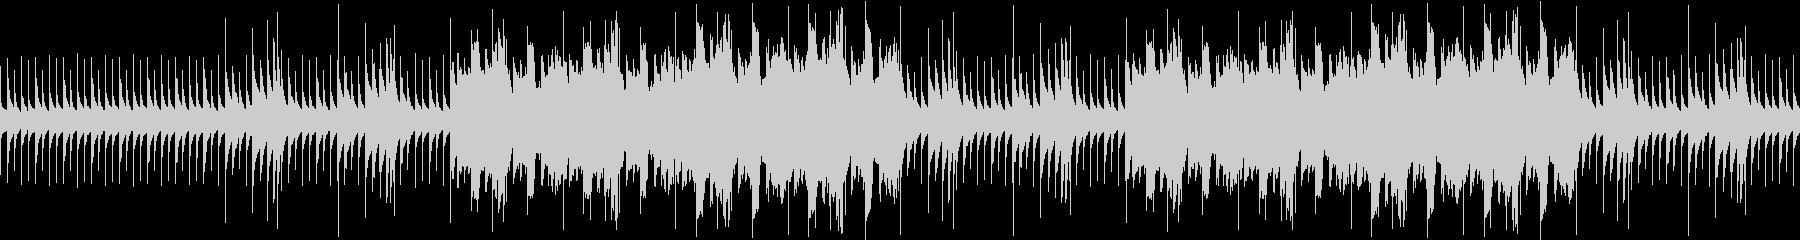 オルゴールのホラーbgm【ループ可】の未再生の波形